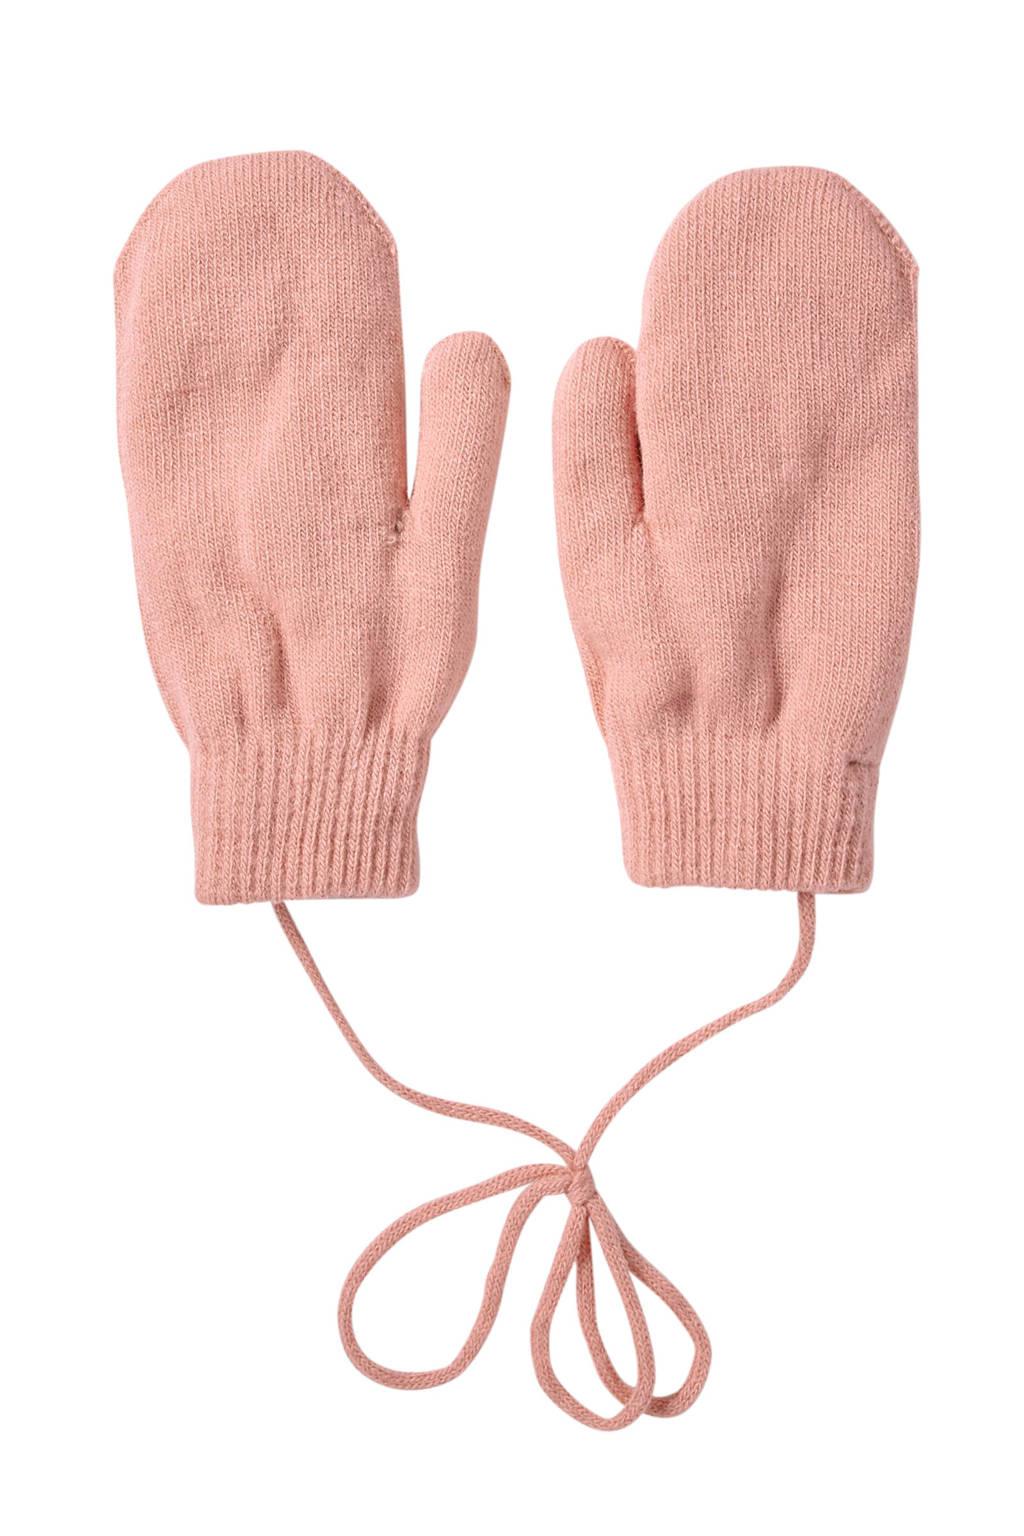 Sarlini gebreide handschoenen lichtroze, Light Pink